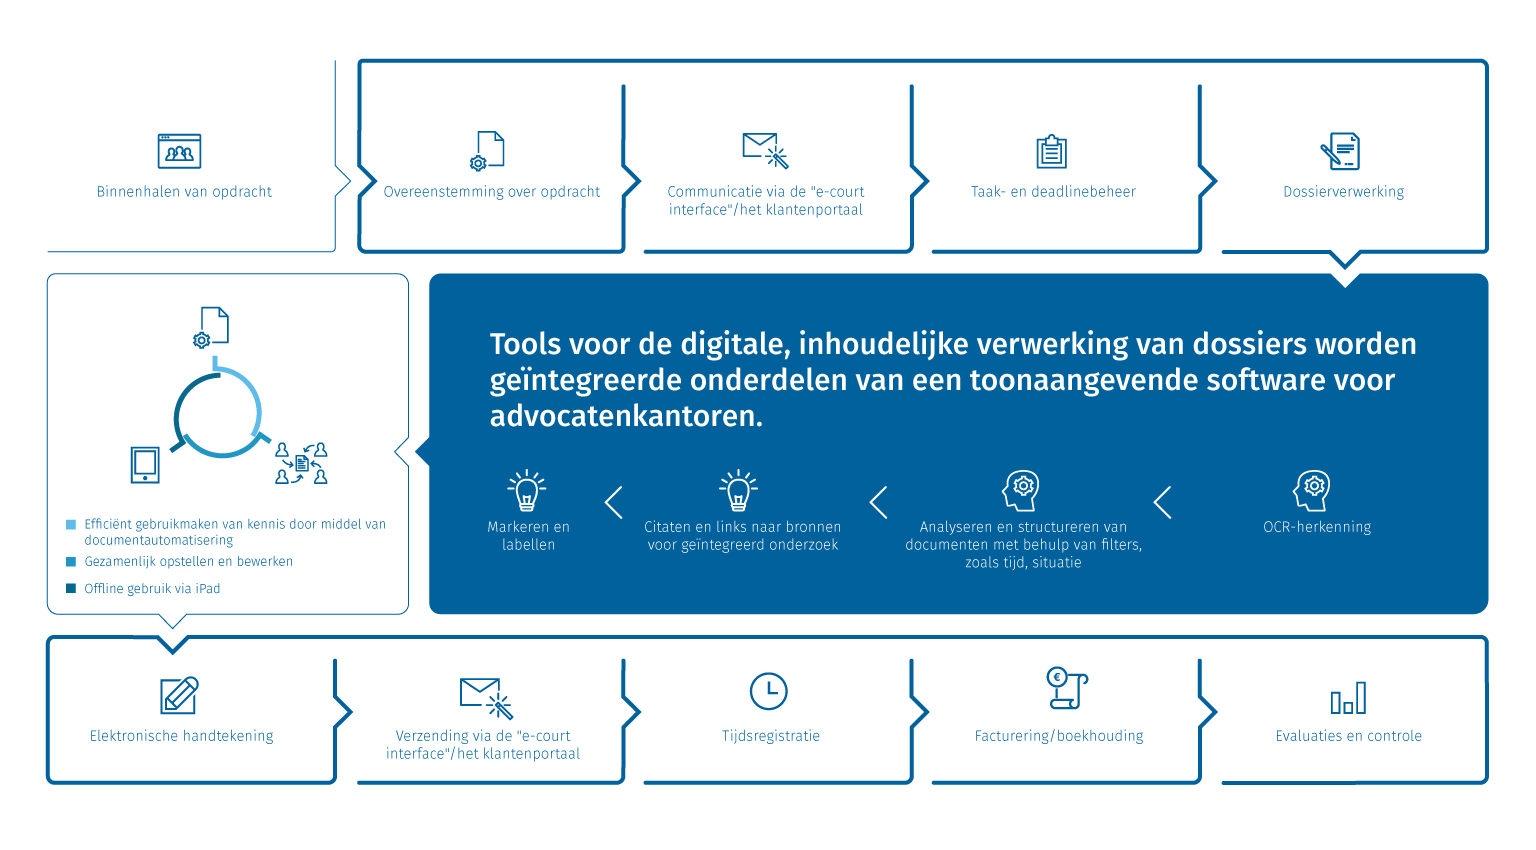 Dossier- en documentmanagement met geïntegreerd kennismanagement